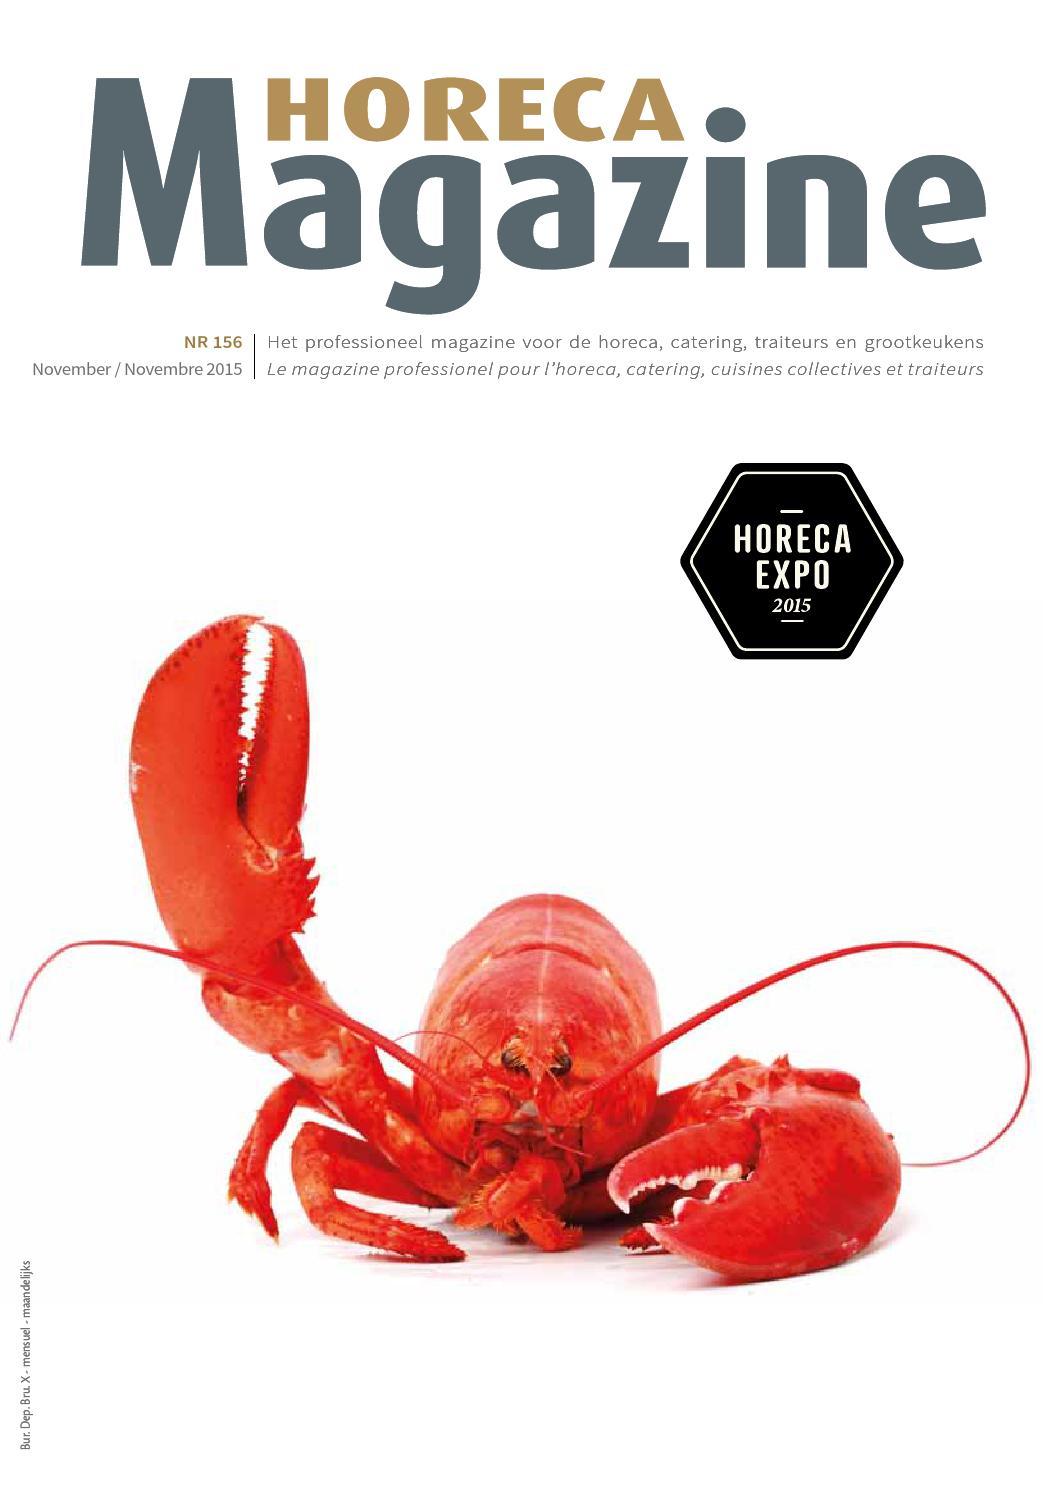 Fruits de Mer Crabe /& Lobster Pince pour Carapace Manger Set Inc 6 Double Fin